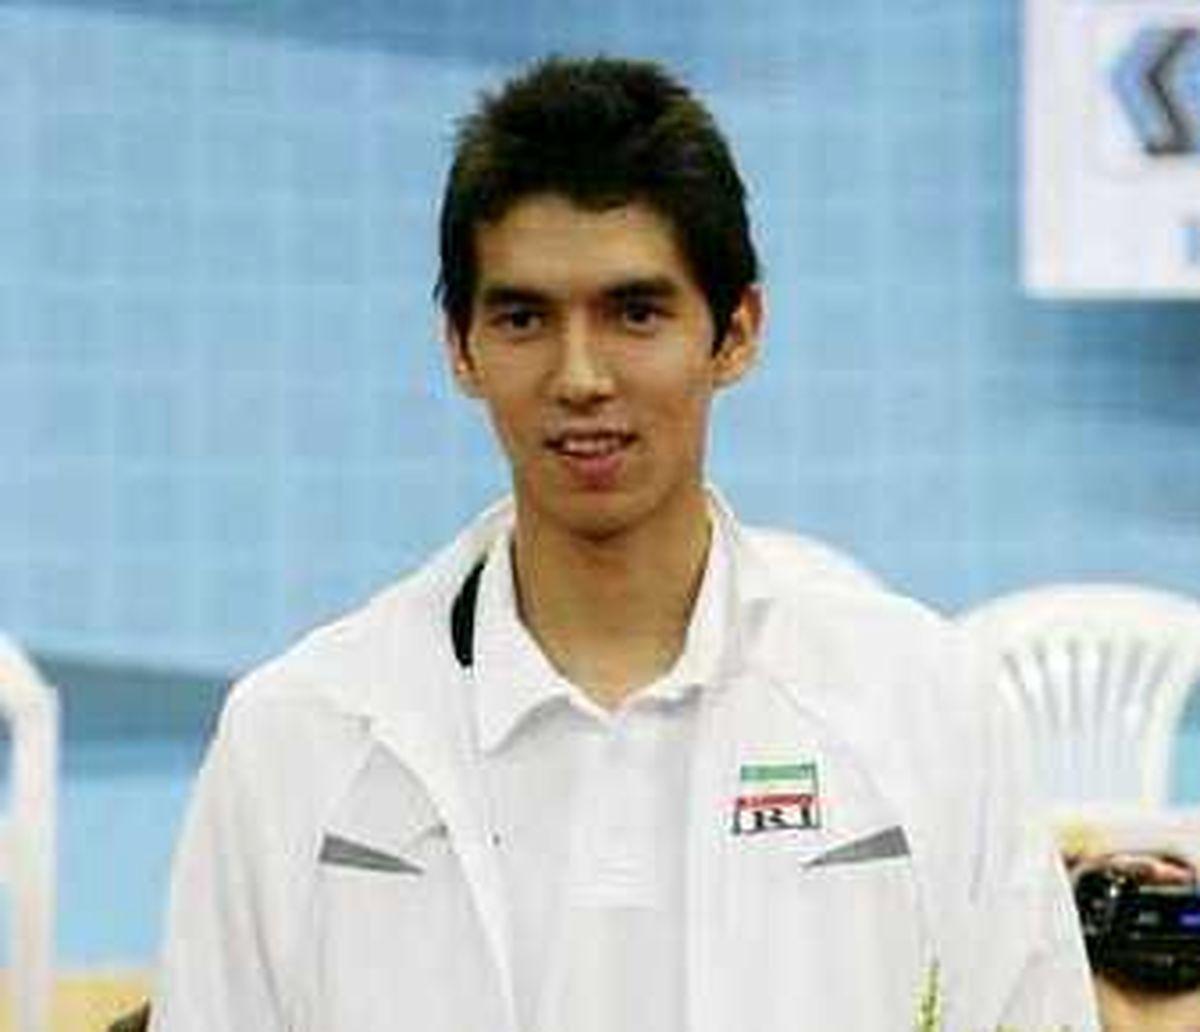 بیوگرافی فرهاد قائمی والیبالیست محبوب ایرانی + تصاویر